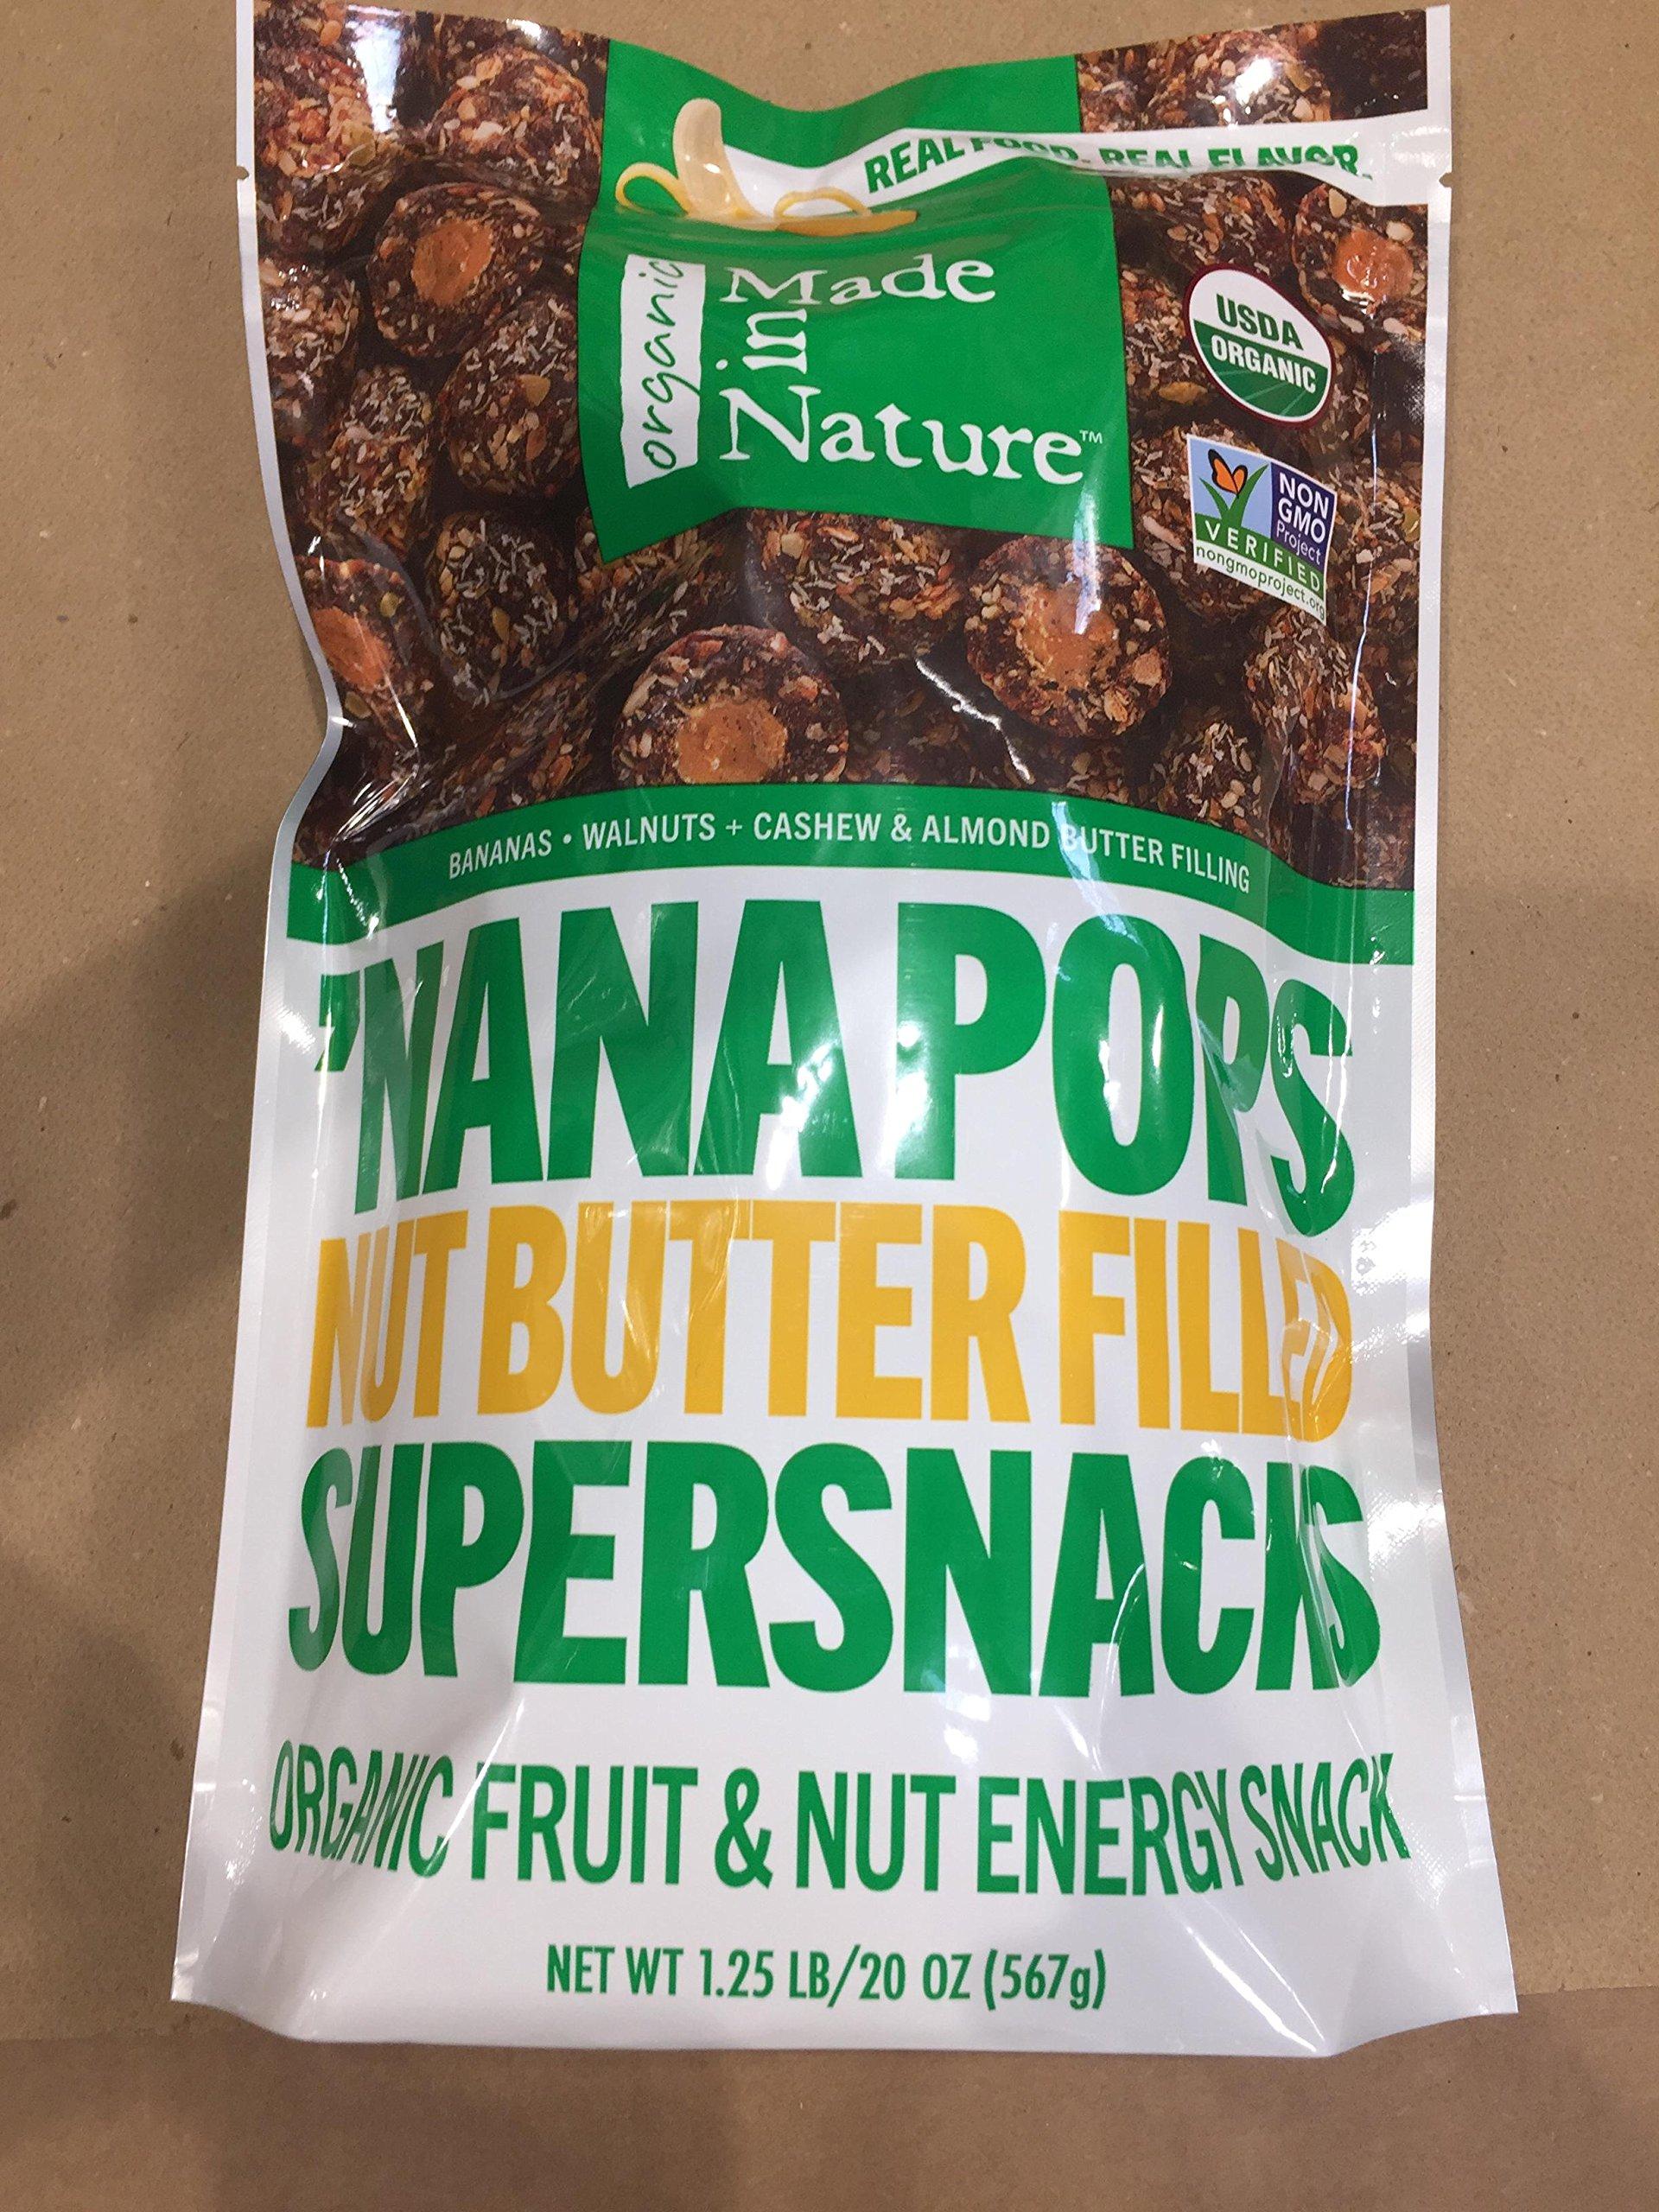 Made in Nature 'Nana Pops Nut Butter Filled Supersnacks, Organic Fruit & Nut Energy Sanck, 1.25 LB, One BAG